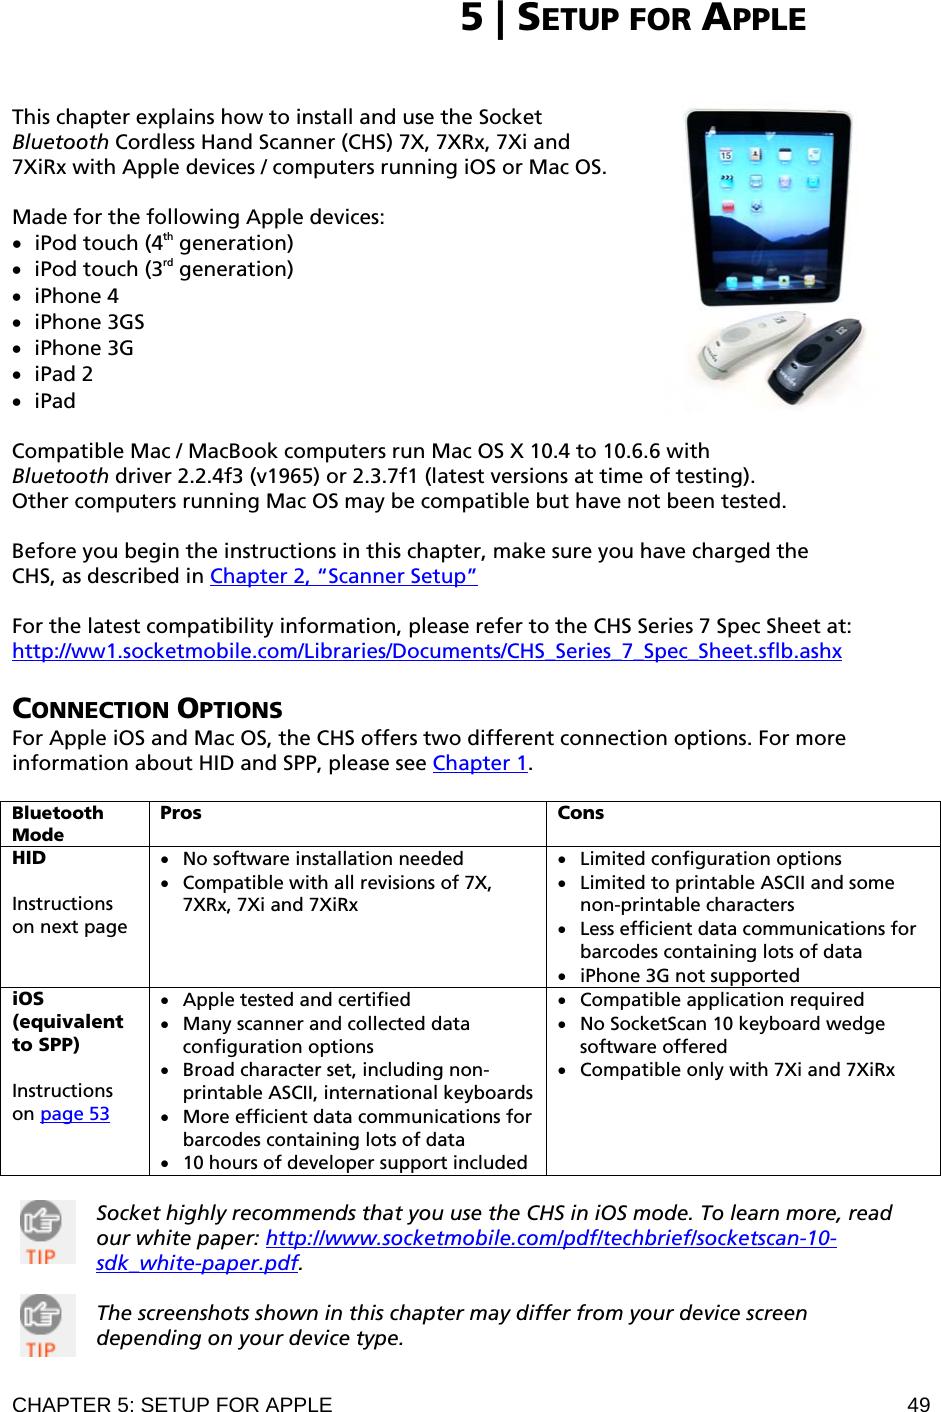 Socket Mobile CHS3 Cordless Hand Scanner User Manual